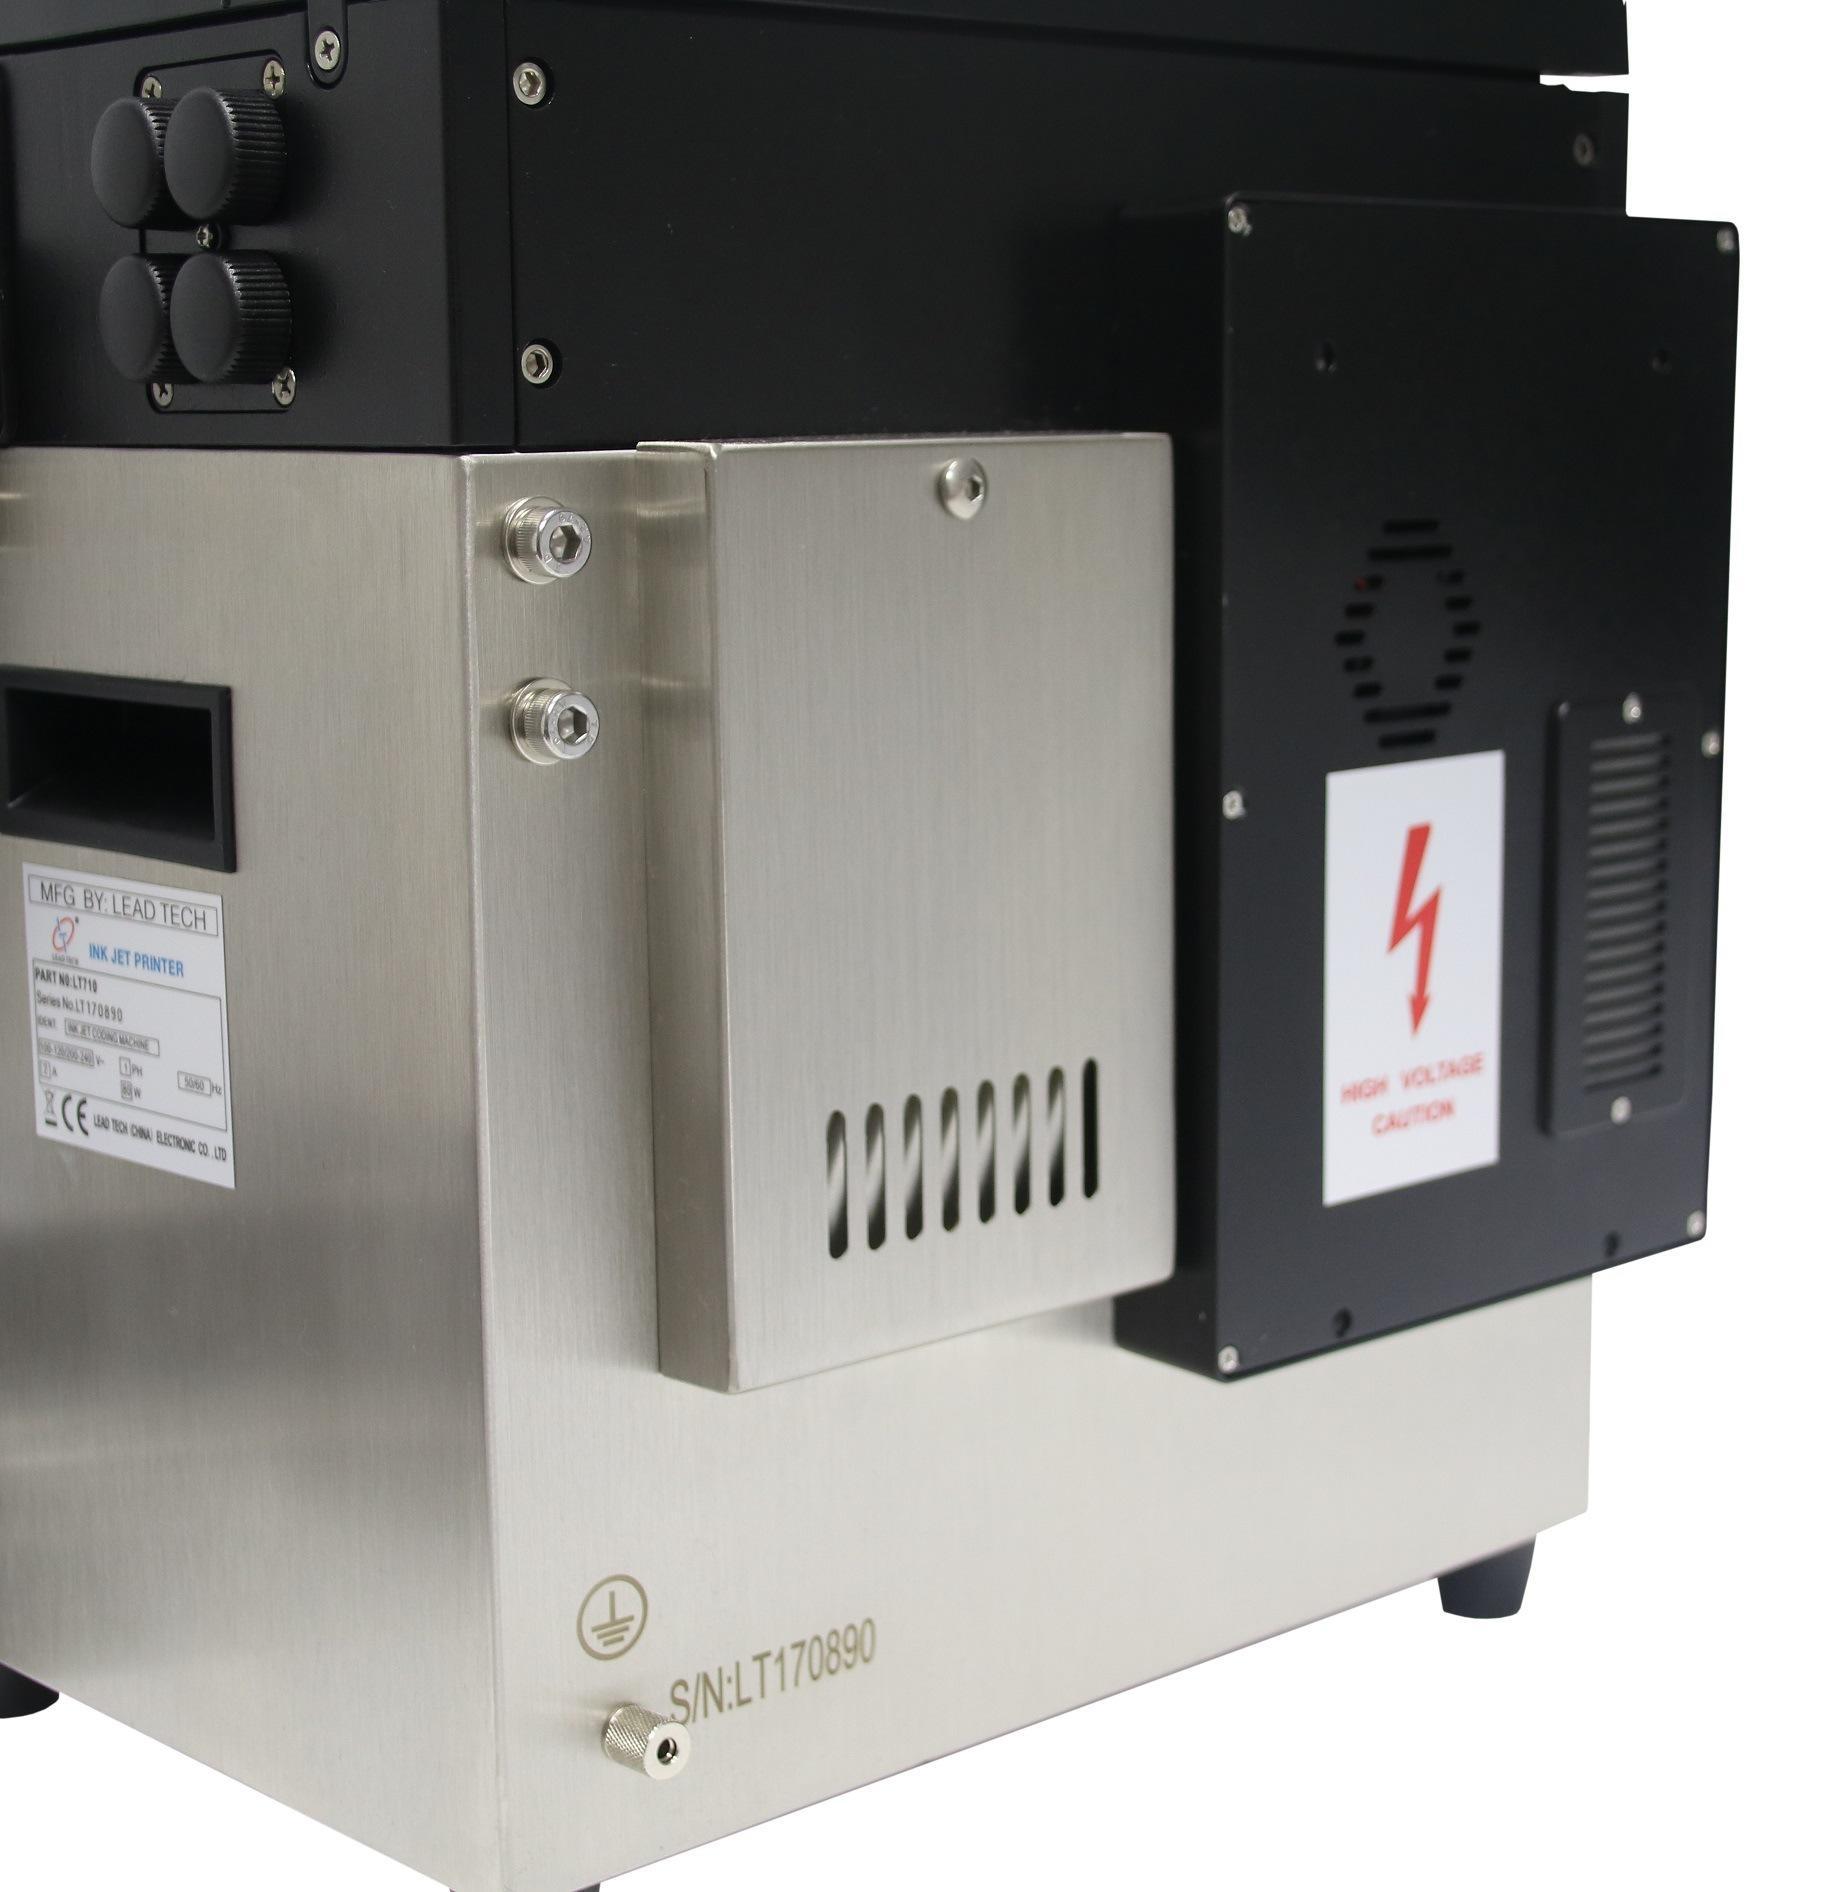 Lead Tech Lt760 Low Cost Coding Inkjet Printer